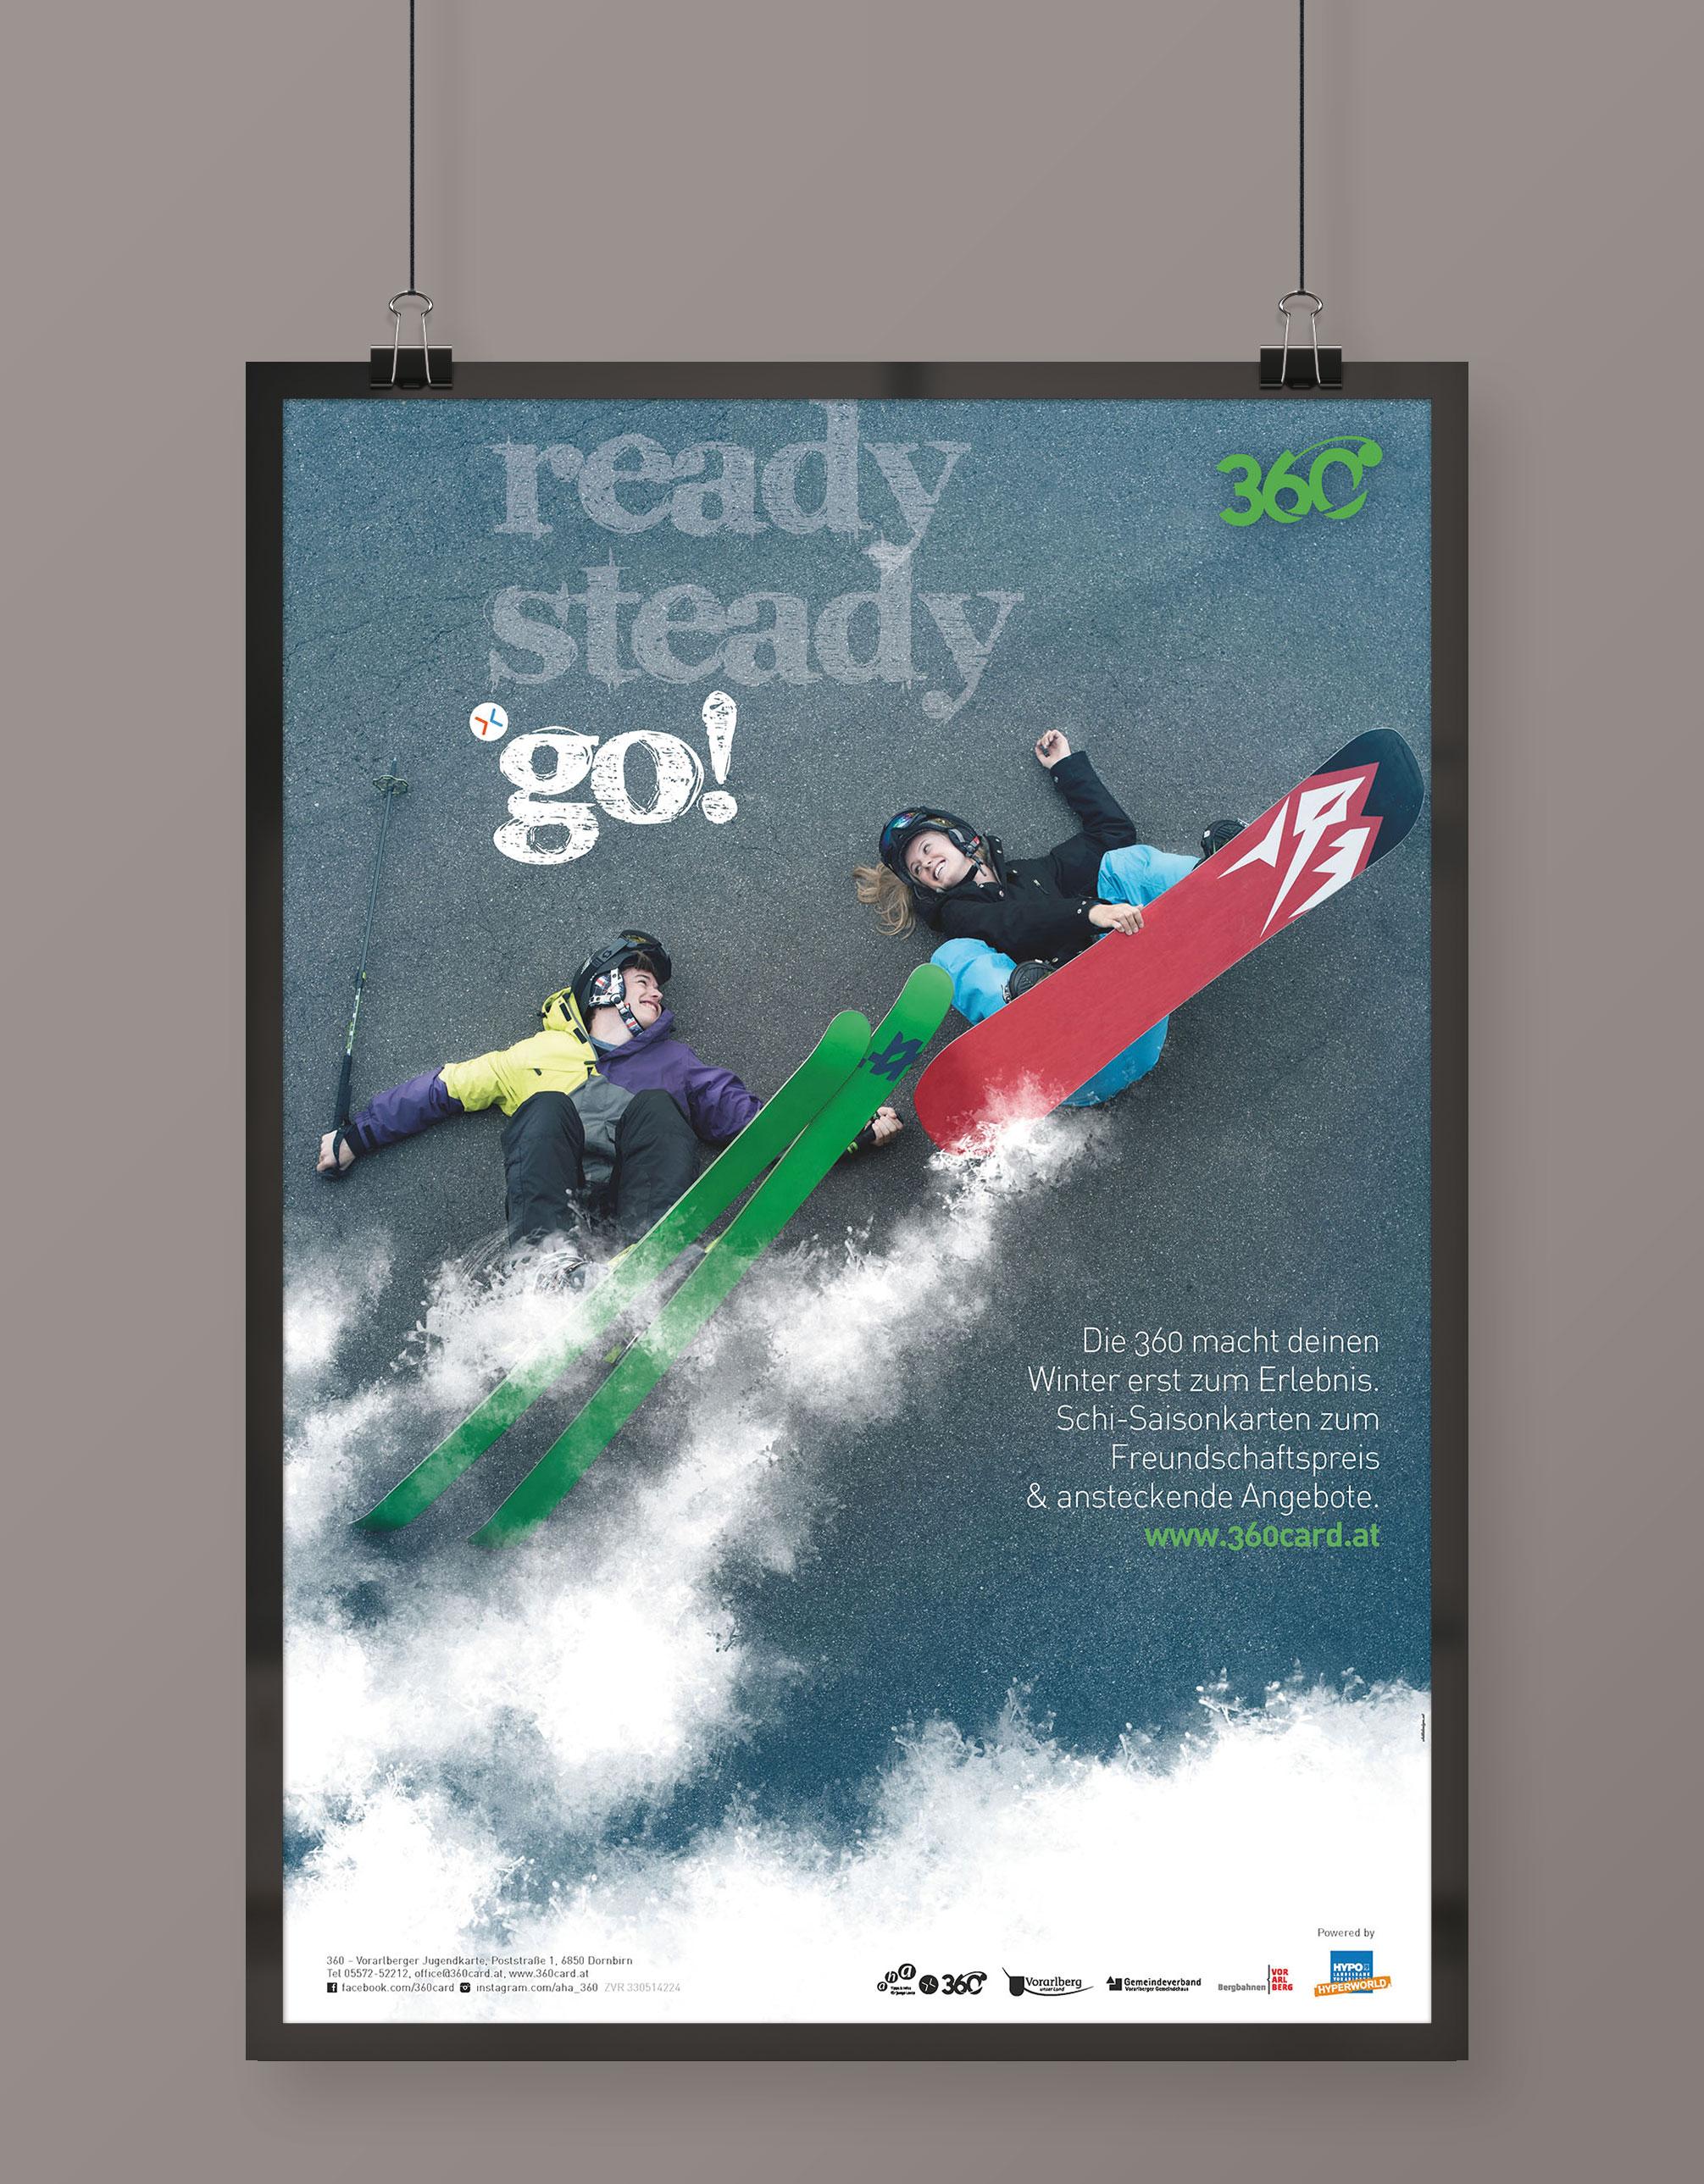 READY steady go! - Plakatserie